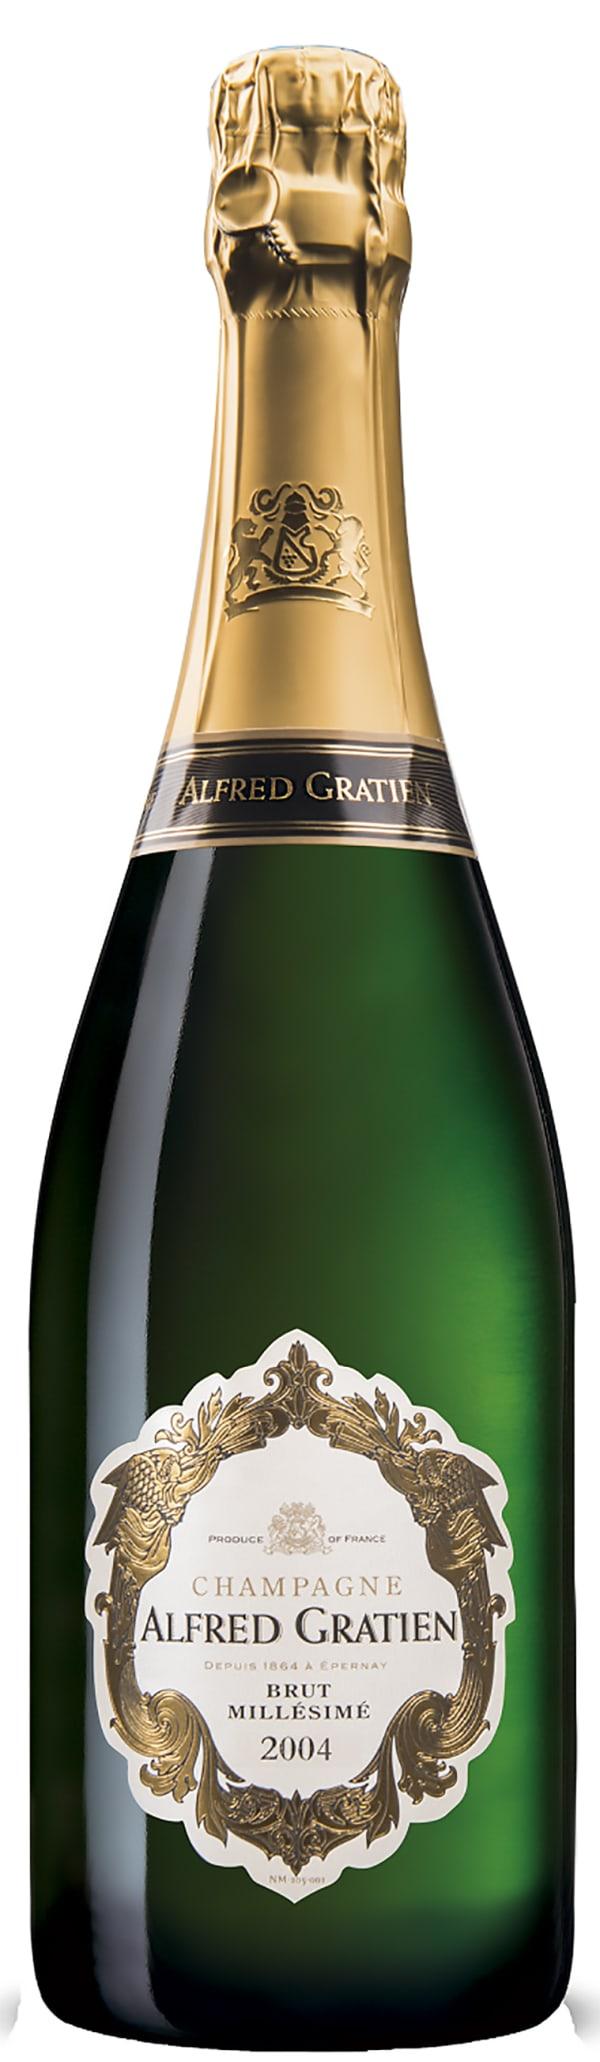 Alfred Gratien Millésime Champagne Brut 2004